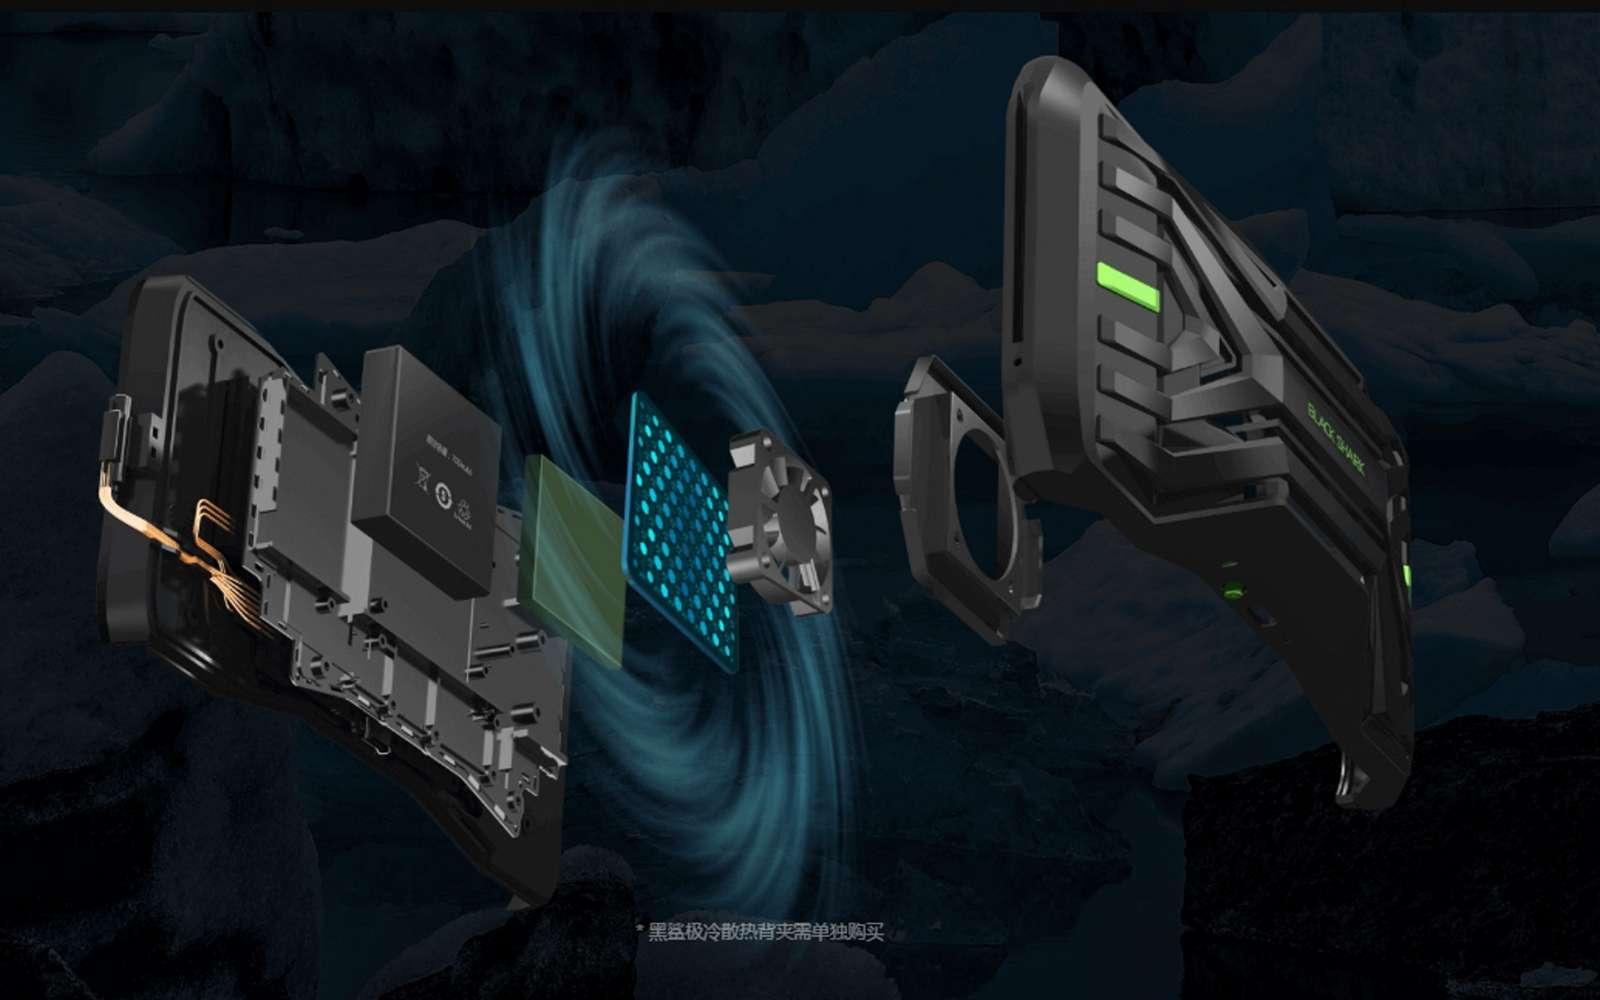 Le Black Shark 2 de Xiaomi vient sur le marché des gamers où deux principaux modèles se font leur place. Vendu à un prix accessible, c'est un monstre de puissance doté de 12 Go de mémoire vive. © Xiaomi